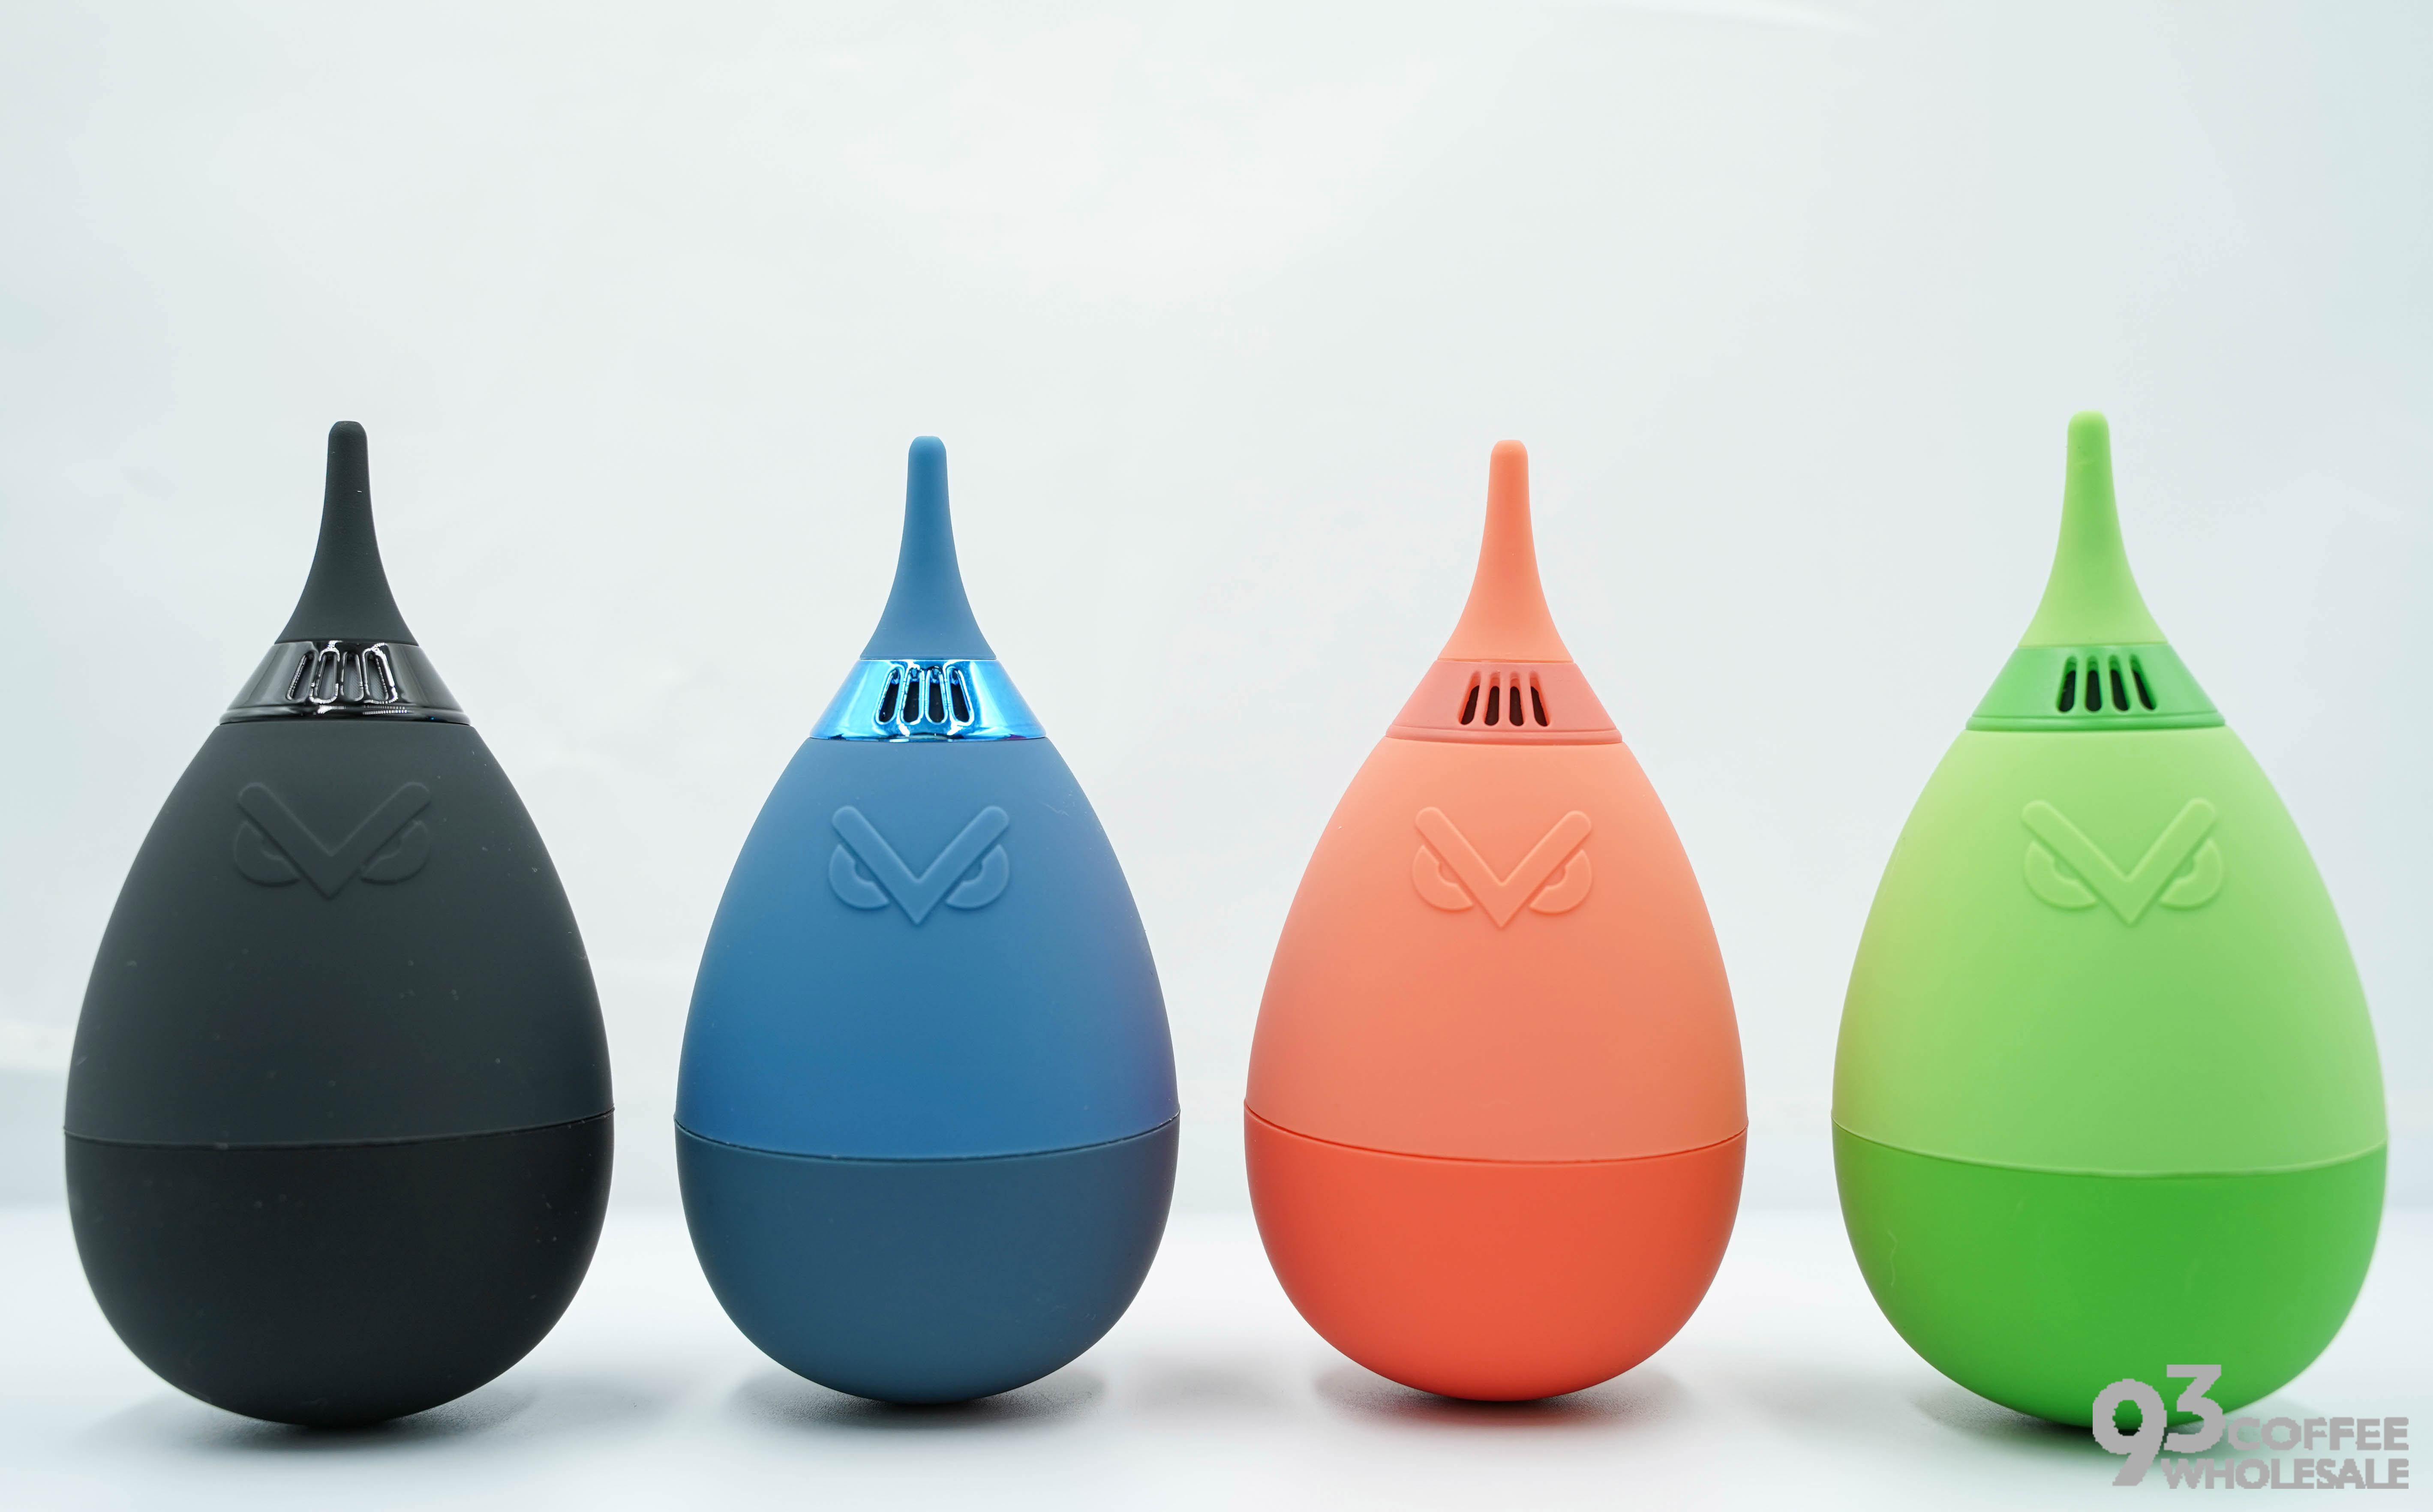 德國紅點設計 小搗蛋吹球 不倒翁吹球 專業磨豆機吹球 相機吹球 『93 coffee wholesale』